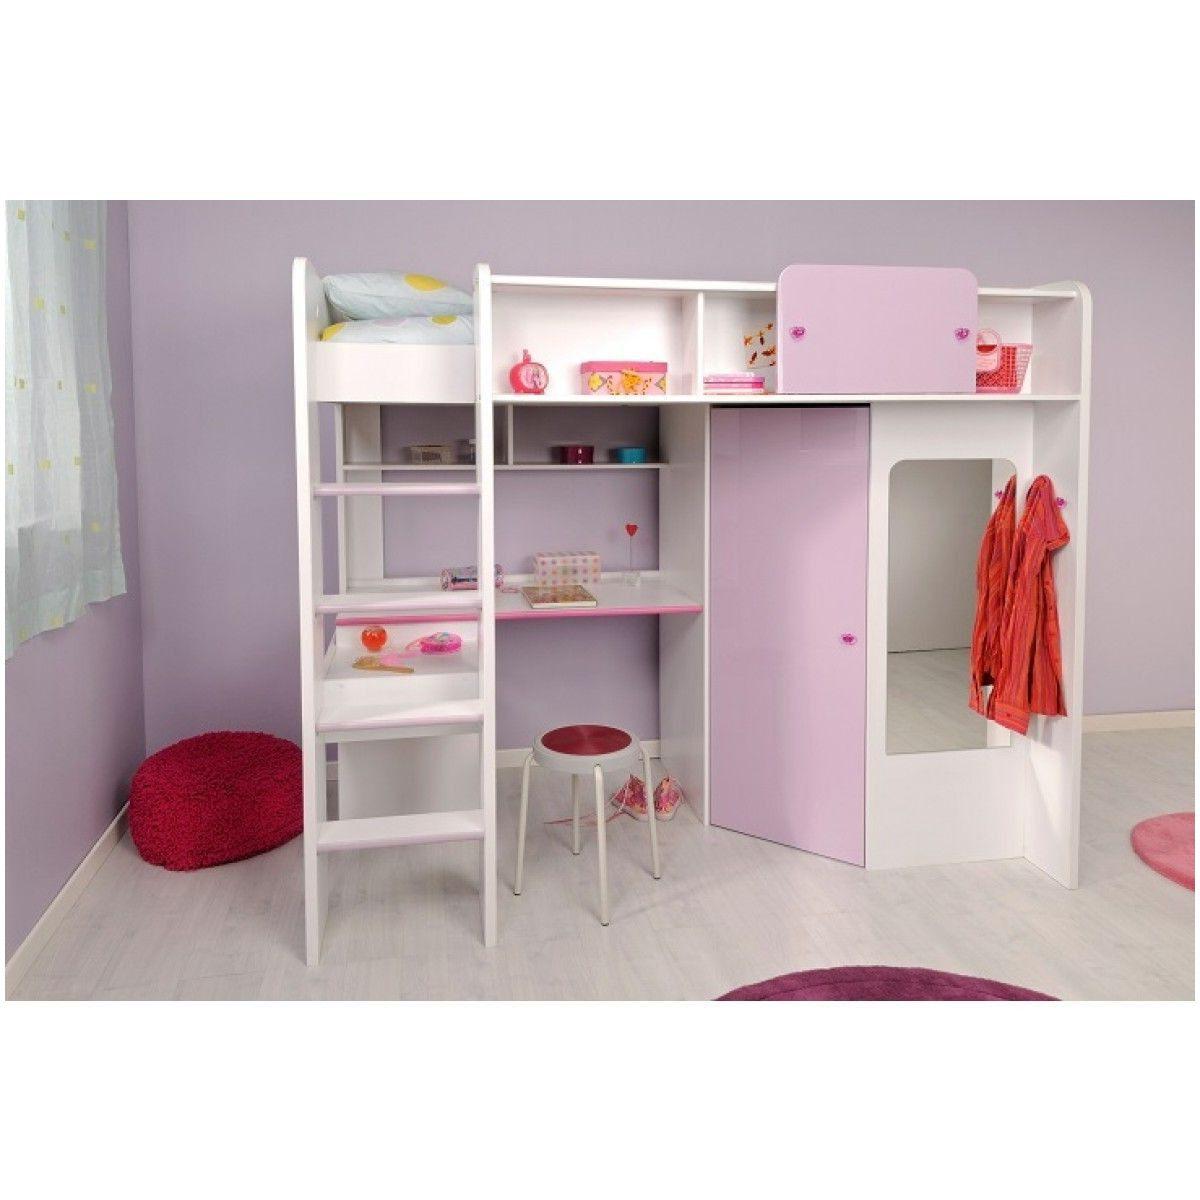 Lit Blanc 2 Places Le Luxe Lit Mezzanine Bois Blanc 2 Places Lit Enfant Tiroirs 0d Lit Enfant